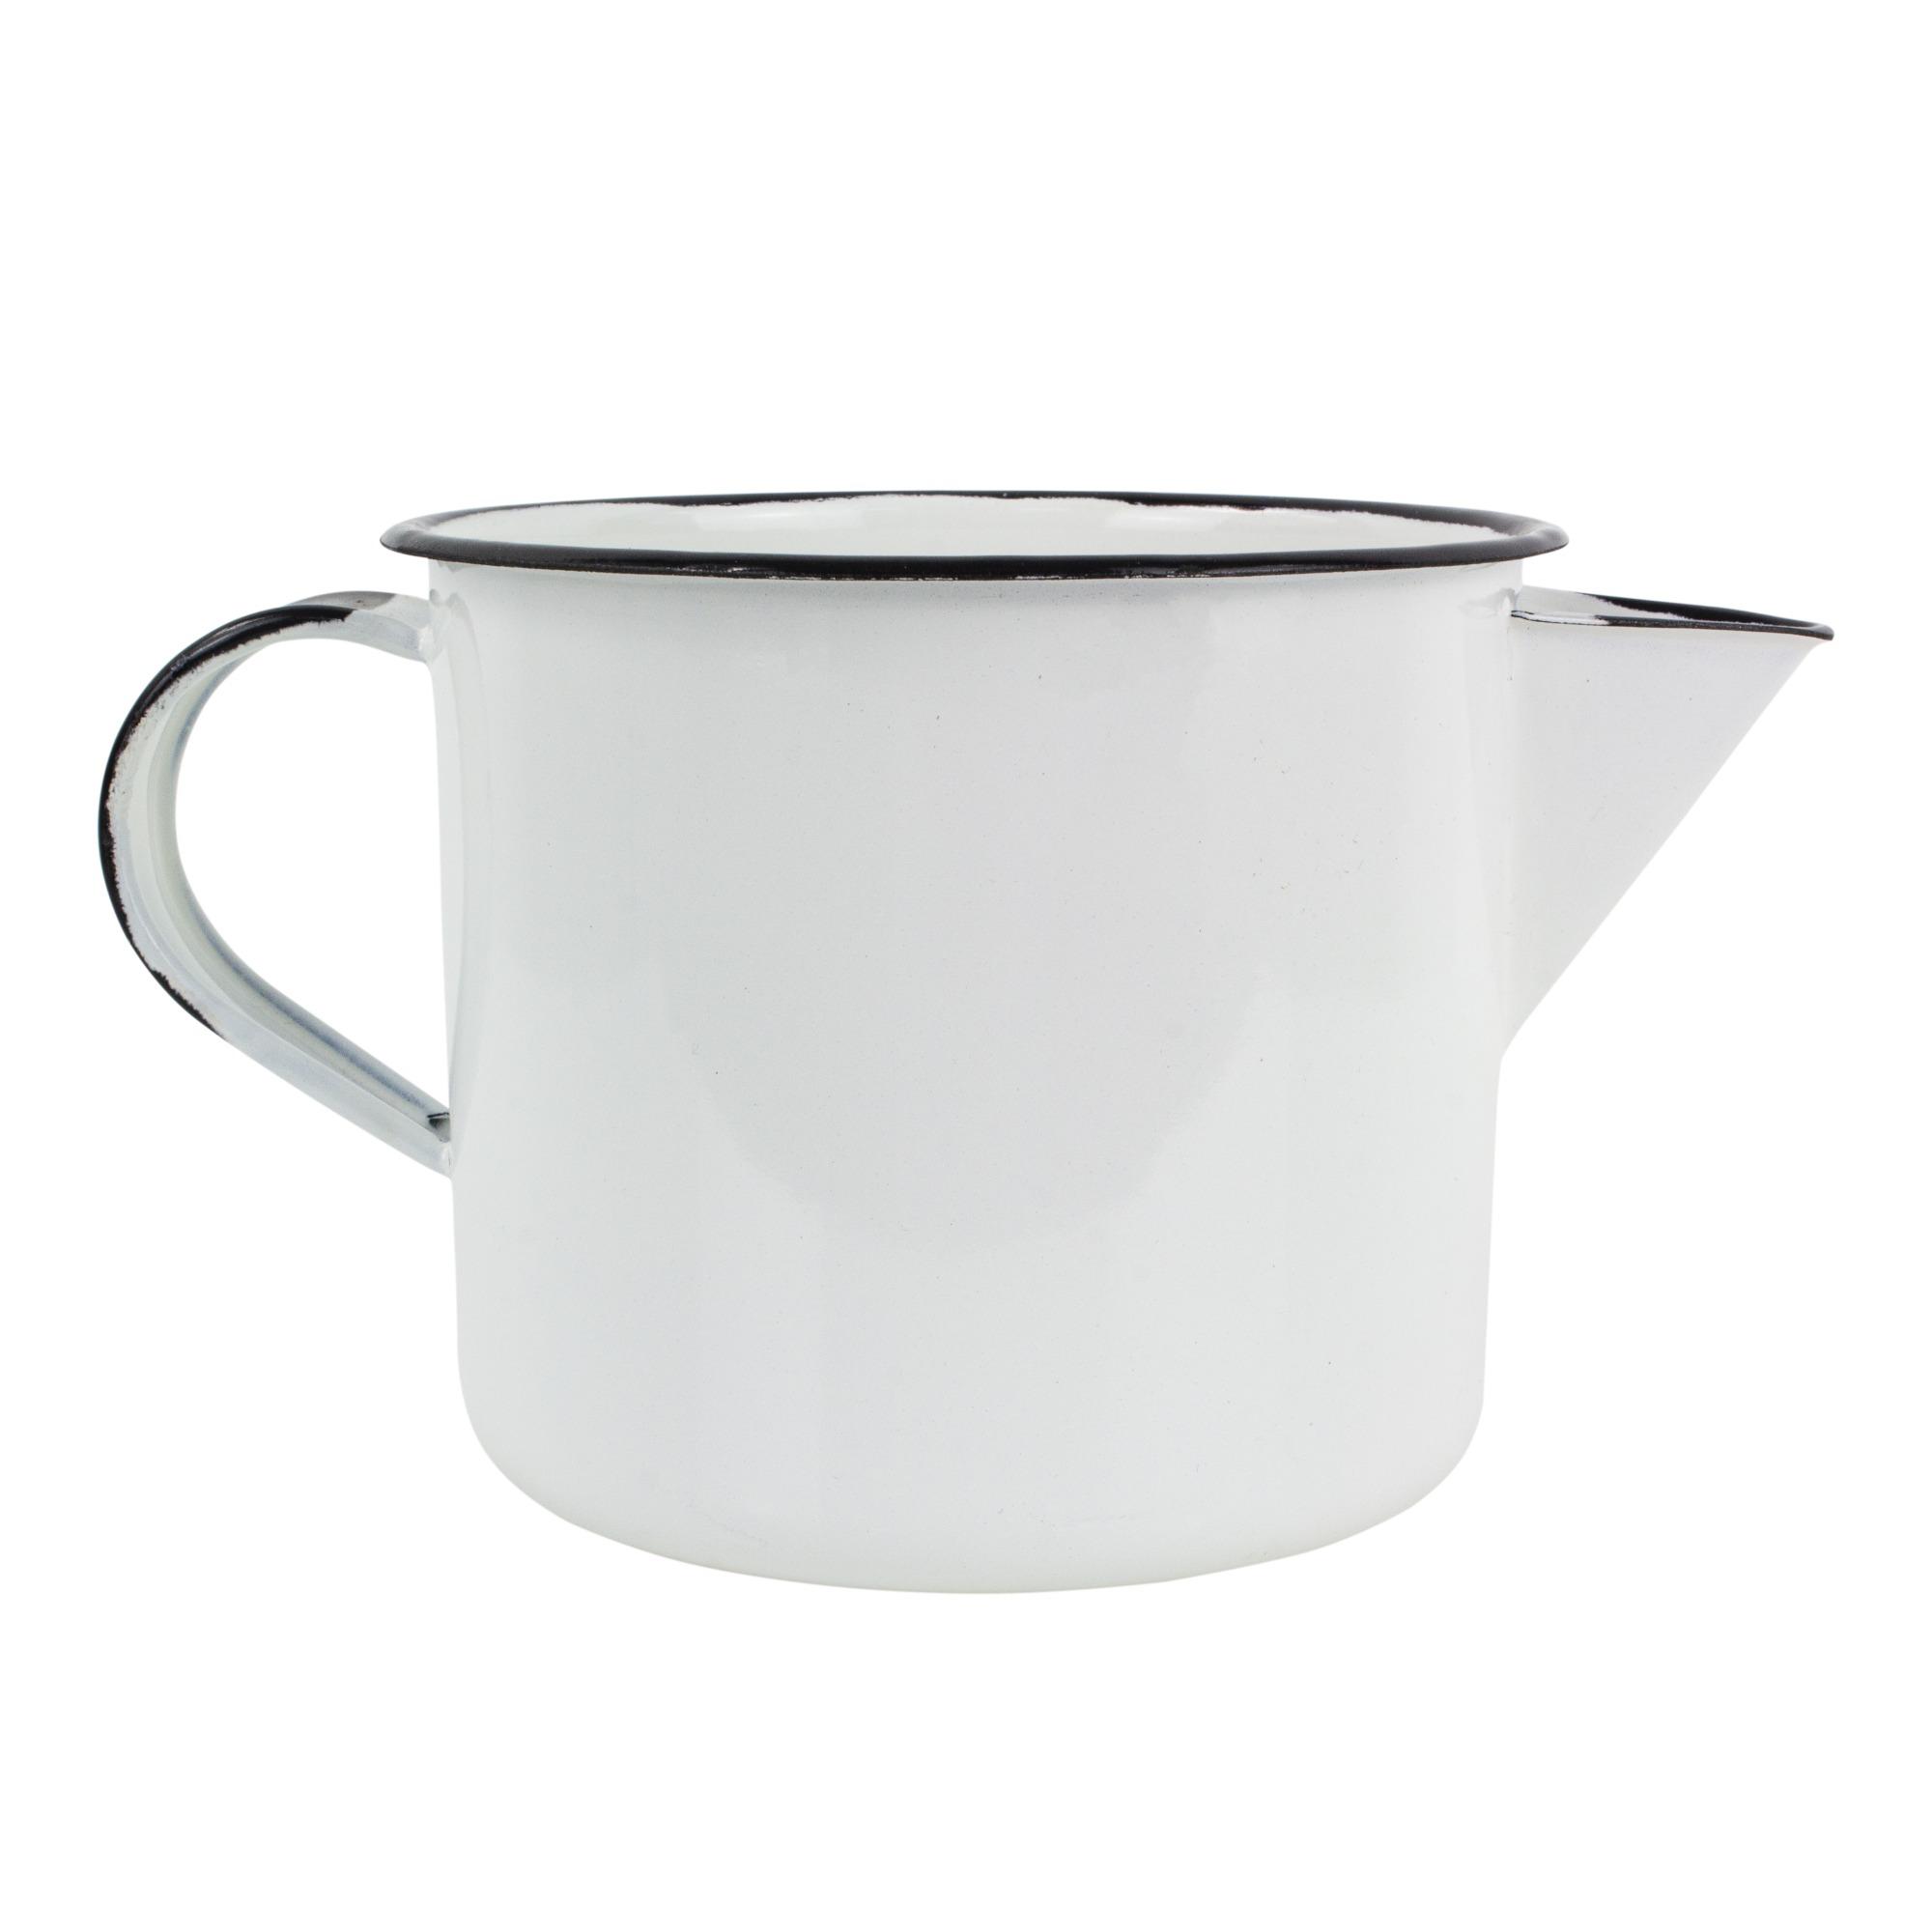 Fervedor Agata Esmaltado 1L Branco - 086 - Metallouca